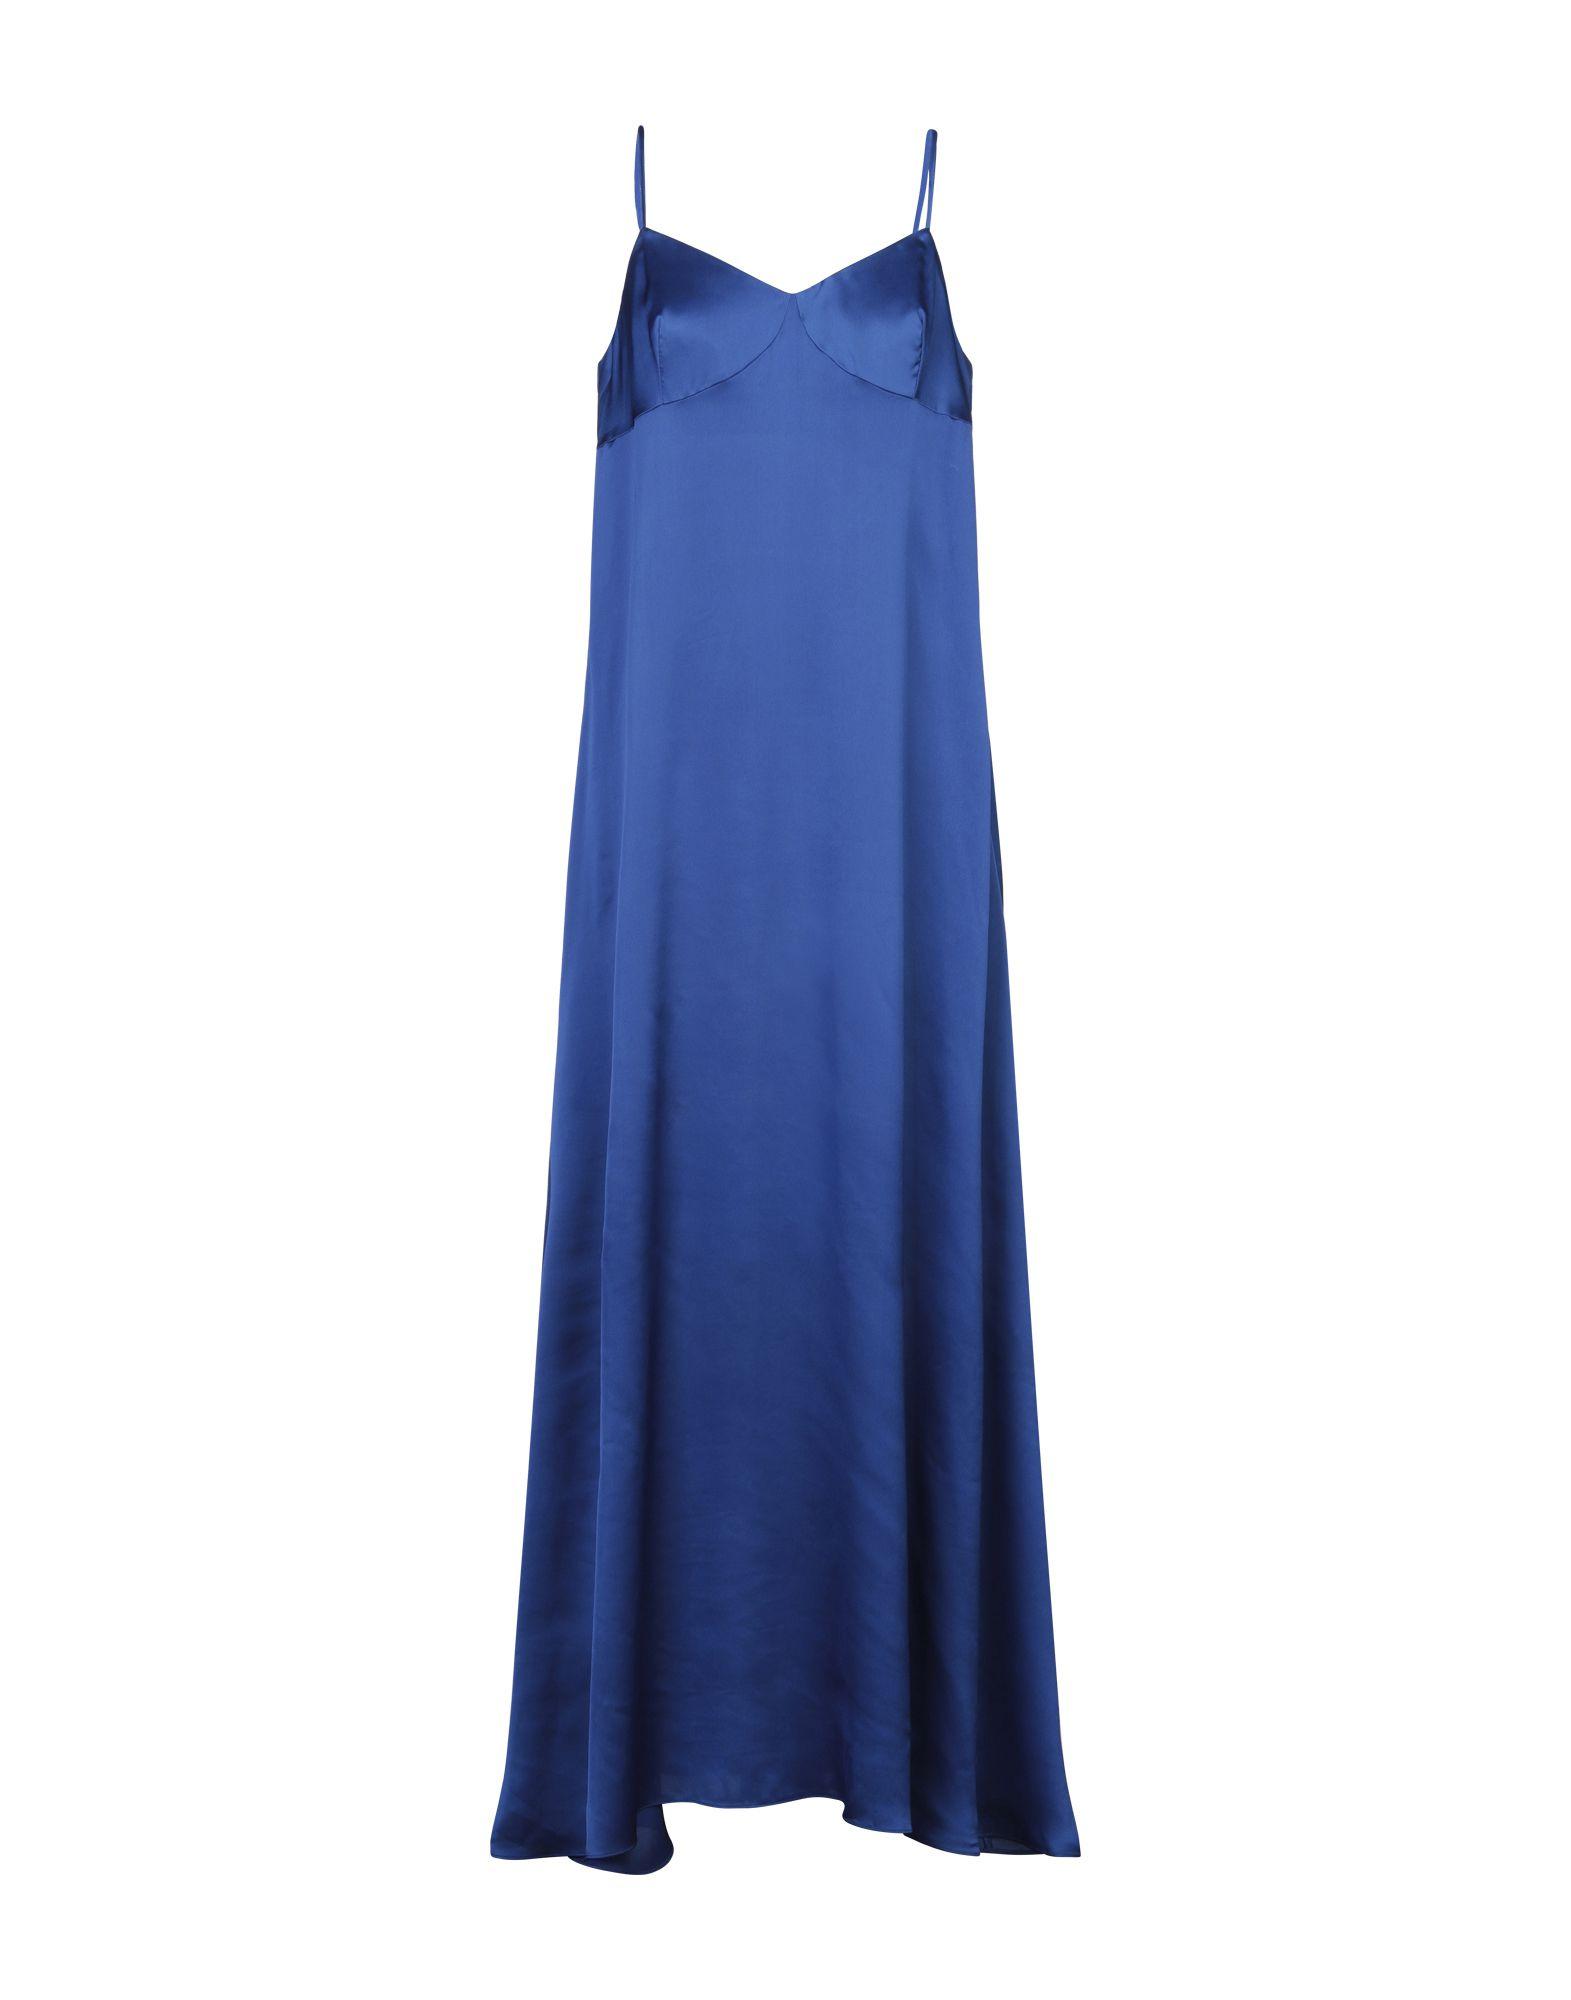 ACTUALEE Длинное платье